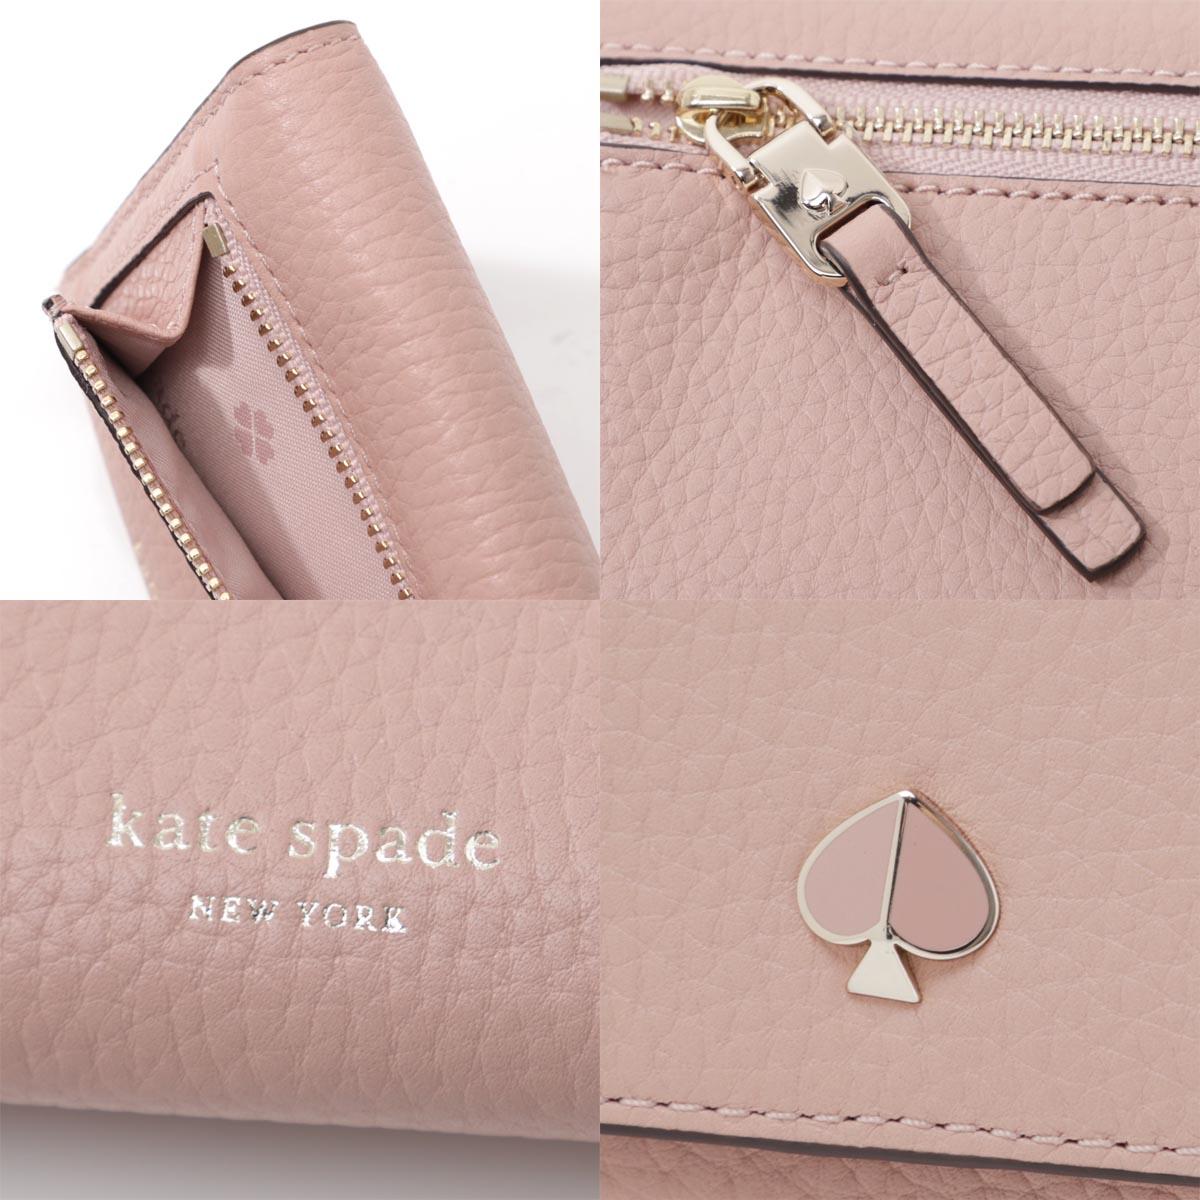 【タイムセール】Kate Spade  ケイトスペード 3つ折り財布 小銭入れ付き/POLLY SMALL TRIFOLD ポリー レディース